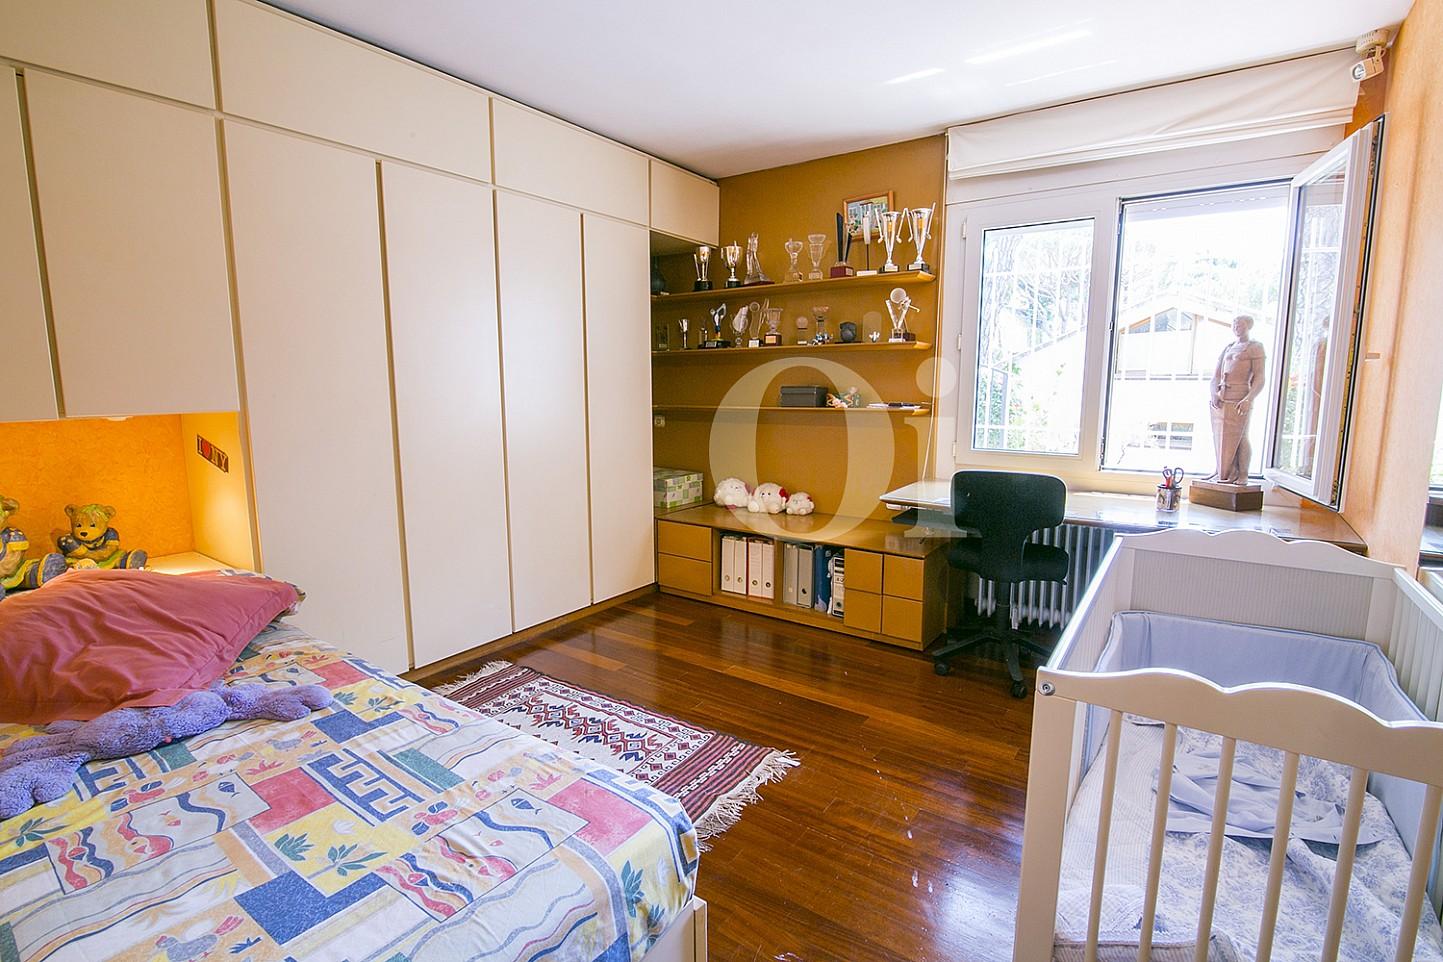 Sensacional habitación doble con dos camas individuales y luminosas vistas al exterior en casa en venta en Cabrils